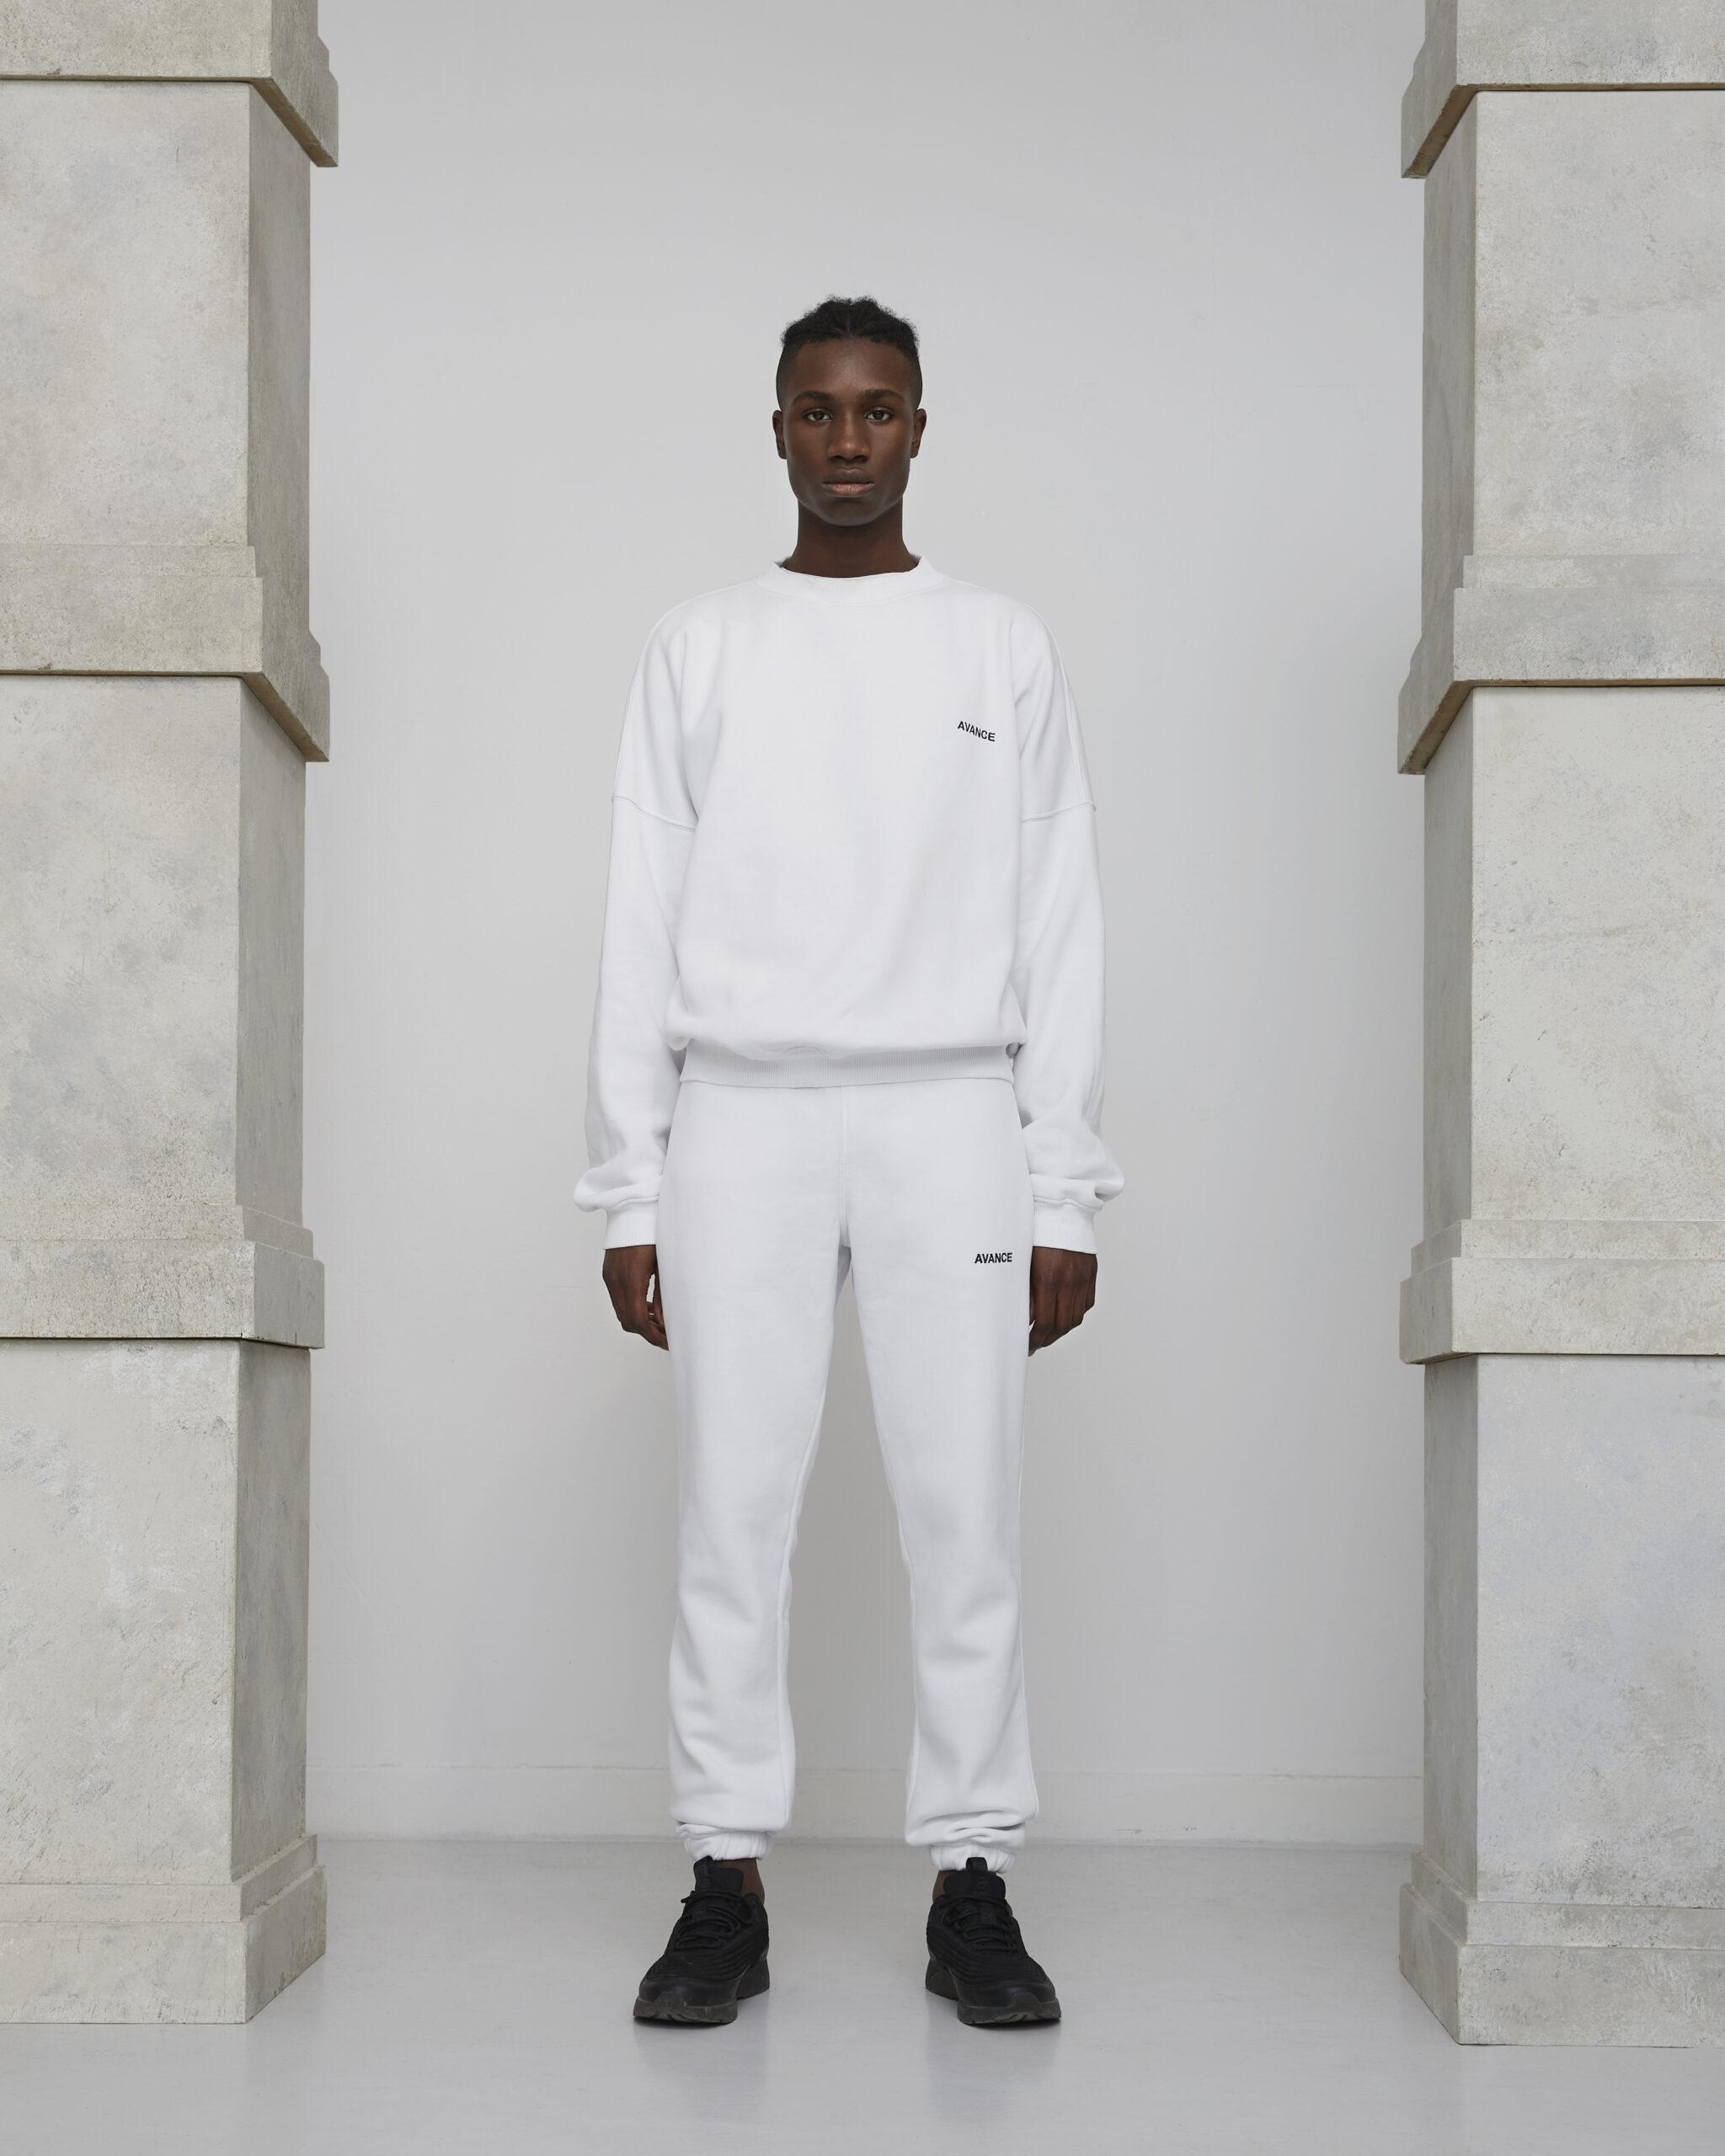 avance concorde set white